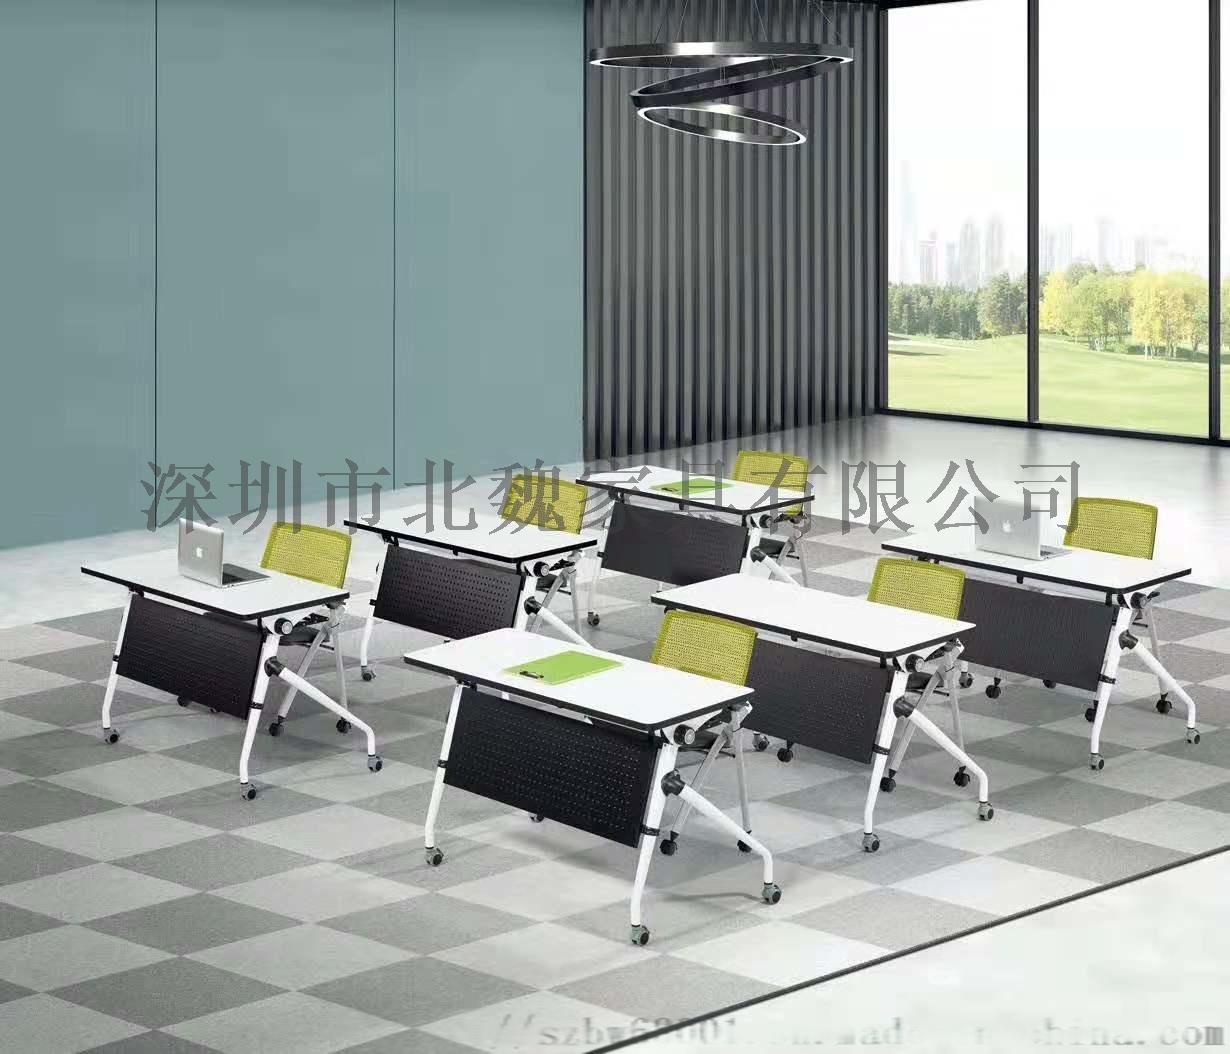 现代折叠培训桌椅-培训班折叠桌椅-可移动拼接桌椅123031595